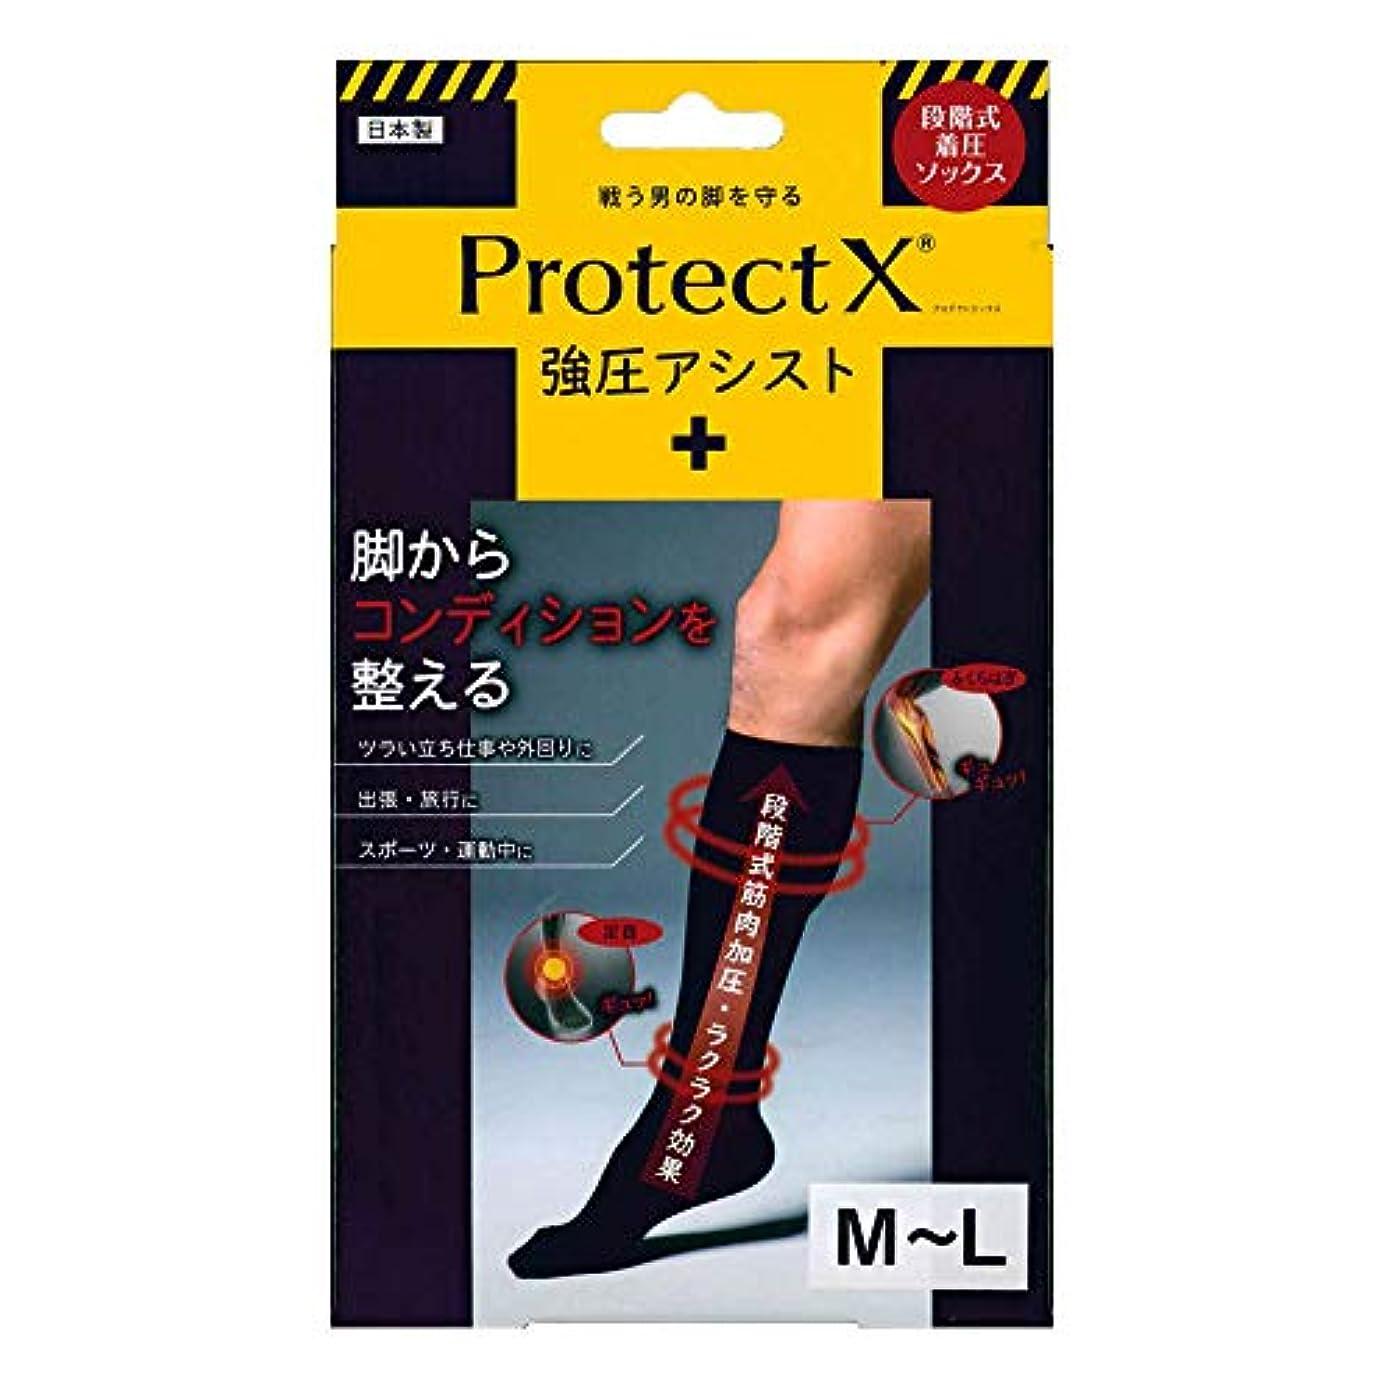 サバント第三記念日Protect X(プロテクトエックス) 強圧アシスト つま先あり着圧ソックス 膝下 M-Lサイズ ブラック